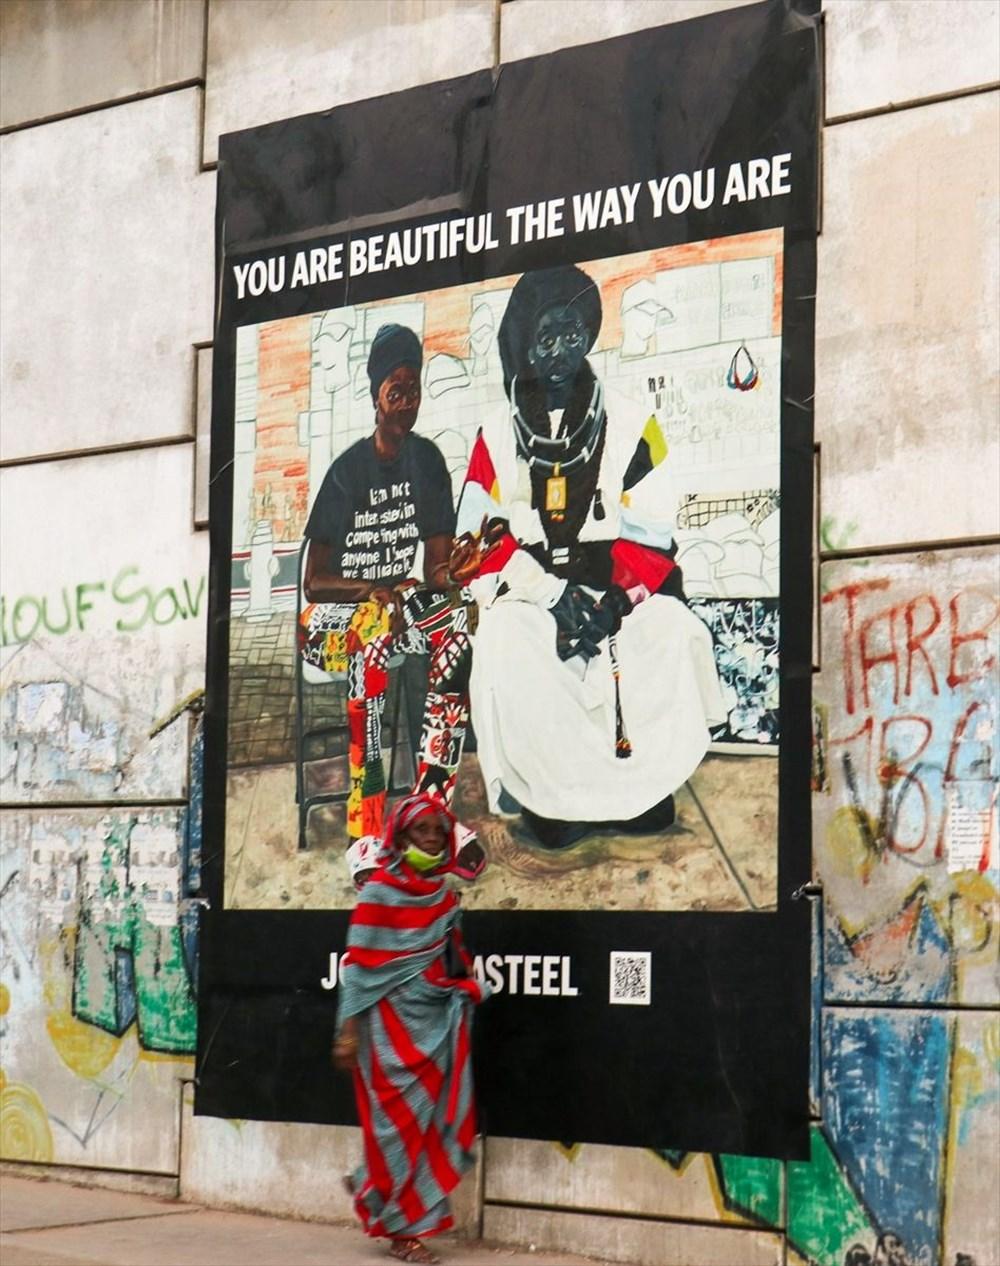 Afrikalı sanatçılar, Olduğun gibi güzelsin isimli çağdaş sanat projesinde birleşti - 3